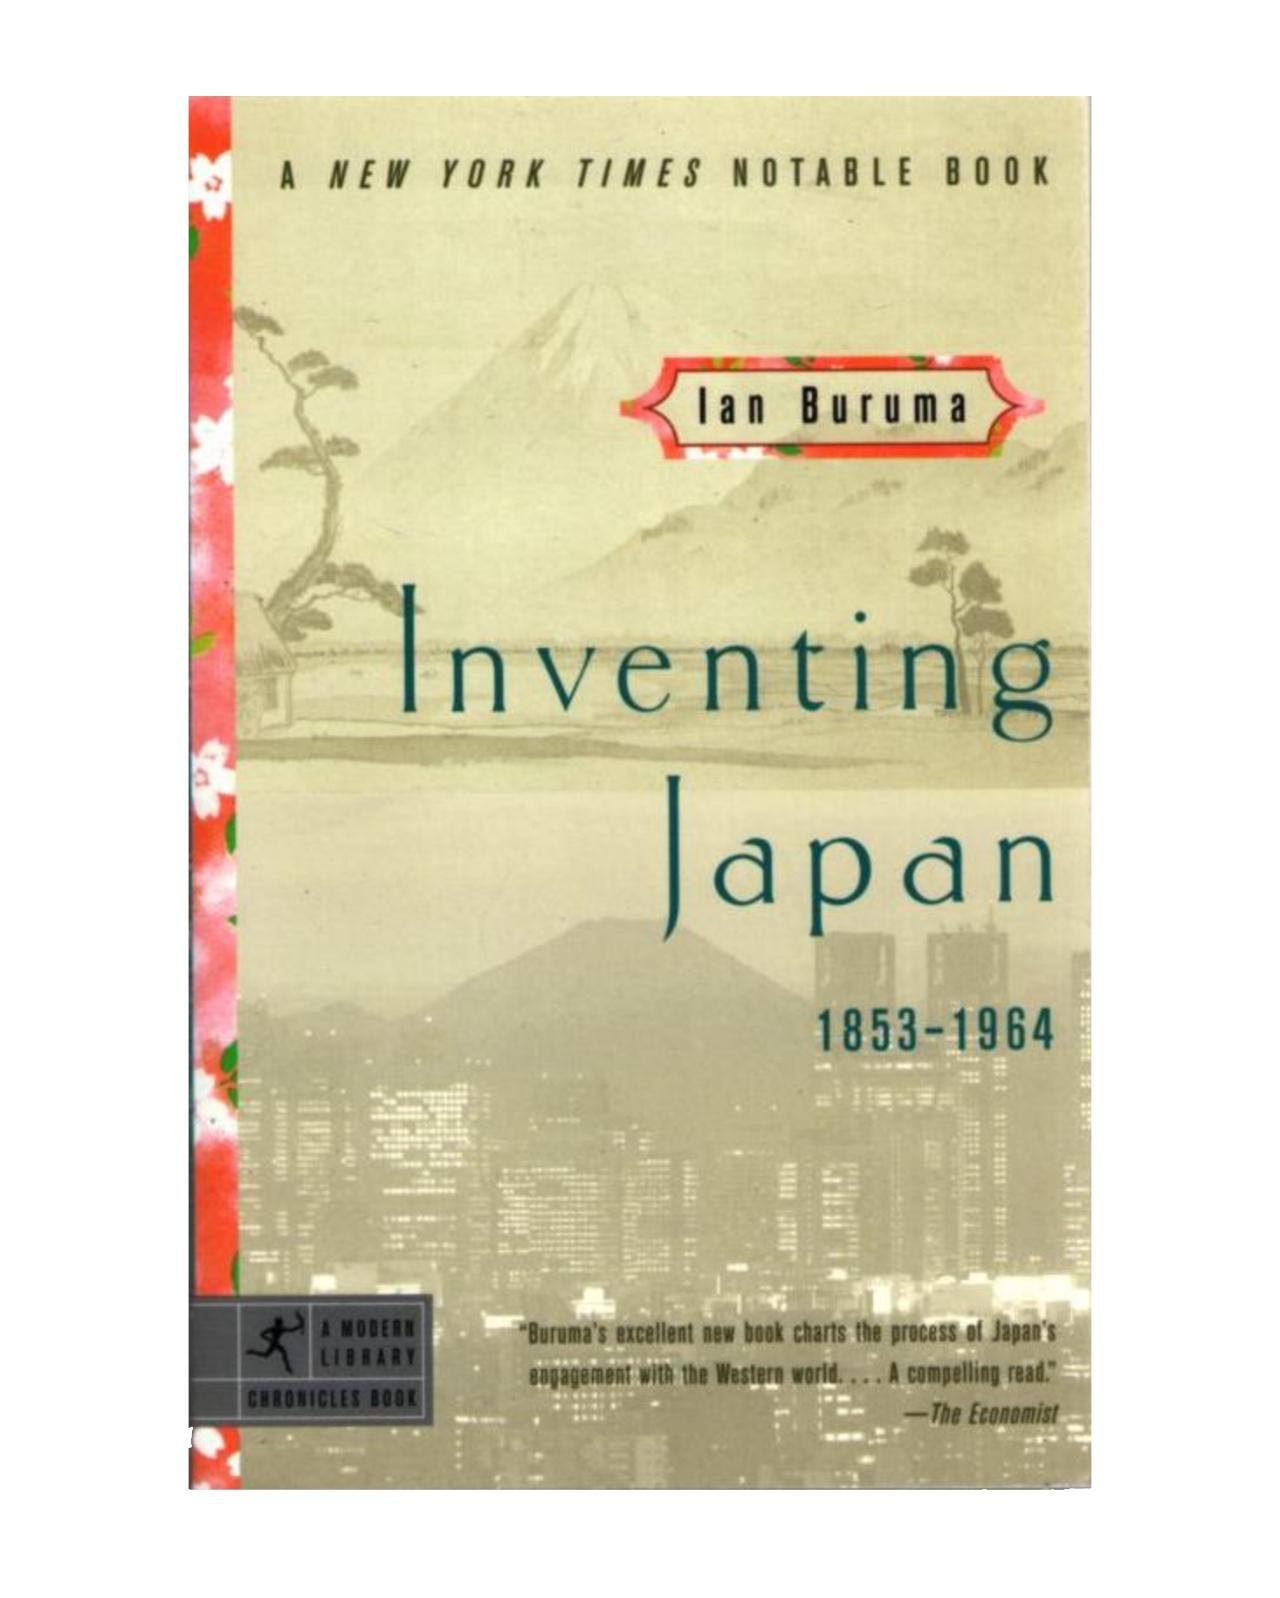 Inventing Japan 1853-1964